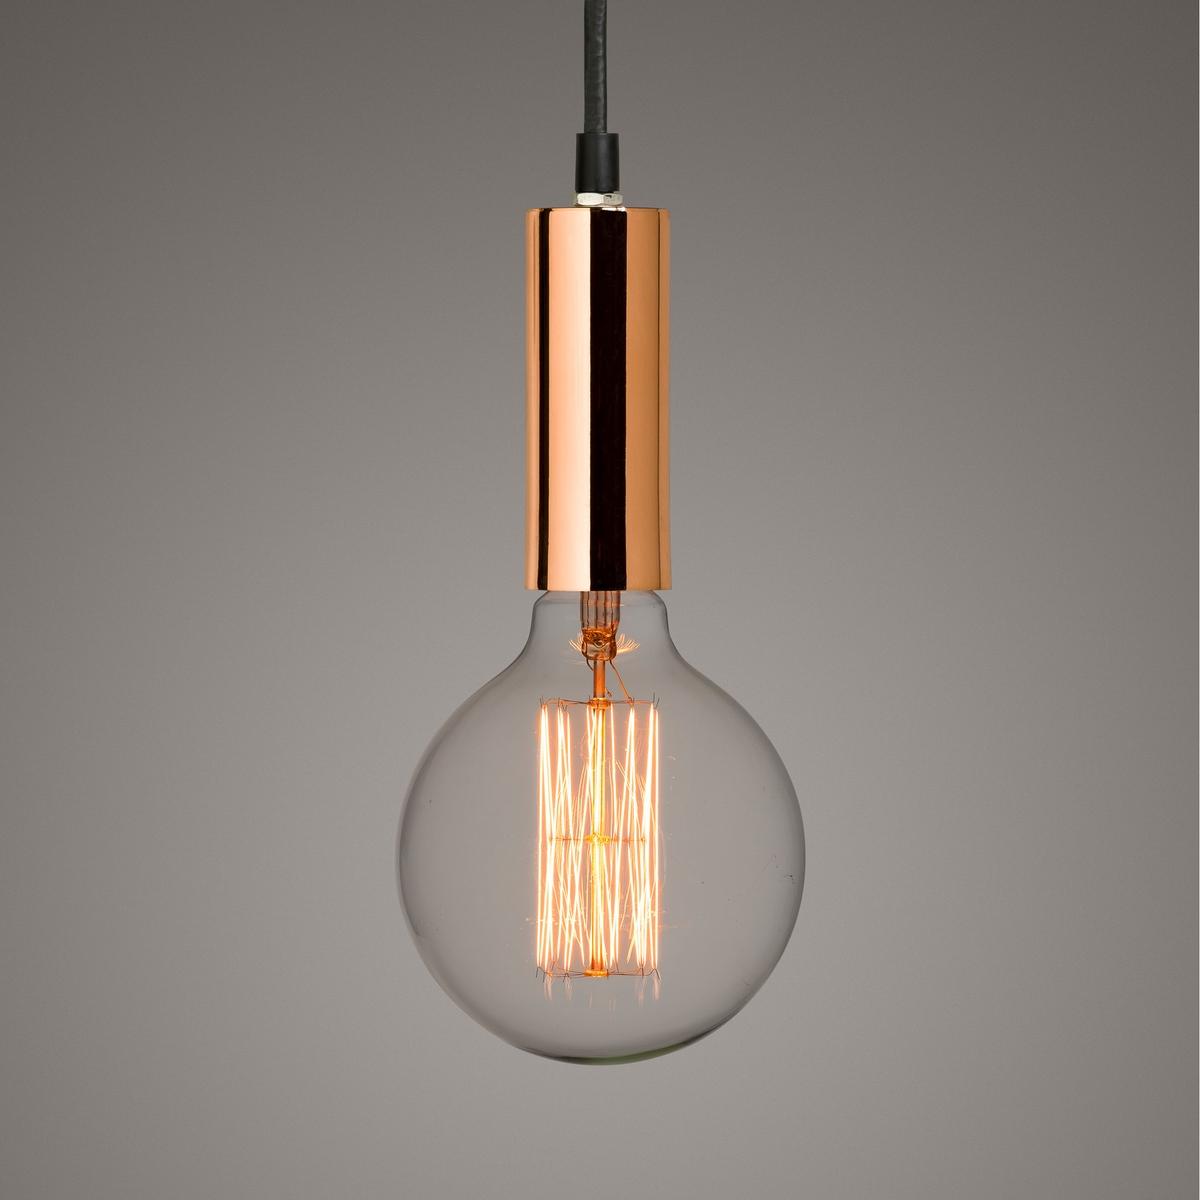 Люстра с покрытием медью LucharbeЛюстра с покрытием медью : воздушный и изящный стиль. Использование декоративной лампы накаливания придает люстре очень актуальный внешний вид.Характеристики :- Патрон E27 для компактной флуоресцентной лампы 17 Вт (продается отдельно)- Электрический кабель с оболочкой из текстиля, длина 1,20 м- Совместима с лампами класса энергопотребления A.Сочетается с лампочками LED с декоративной нитью накала, продающимися на ampm .ruРазмеры : - диаметр 4.3 x высота 12 см<br><br>Цвет: латунь,медный